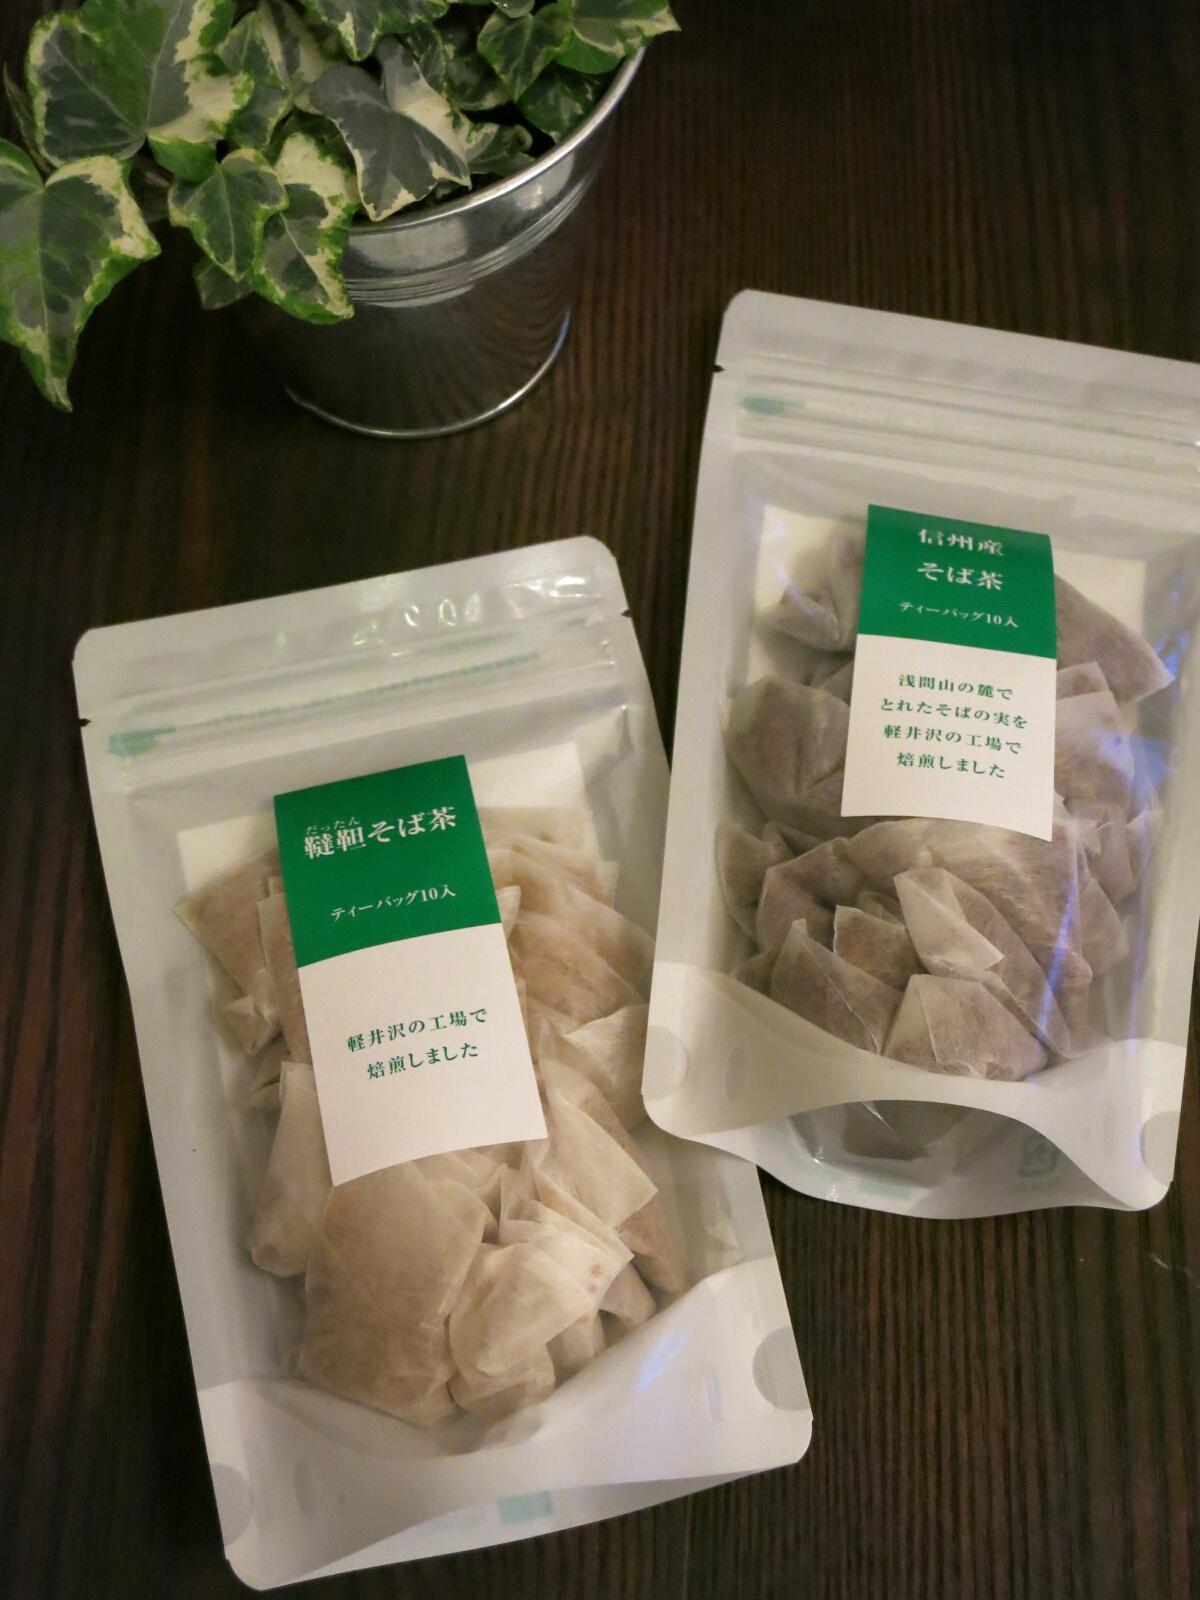 軽井沢のお土産★ツルヤのそば茶&ご当地フォルムカード_f0236260_16225792.jpg